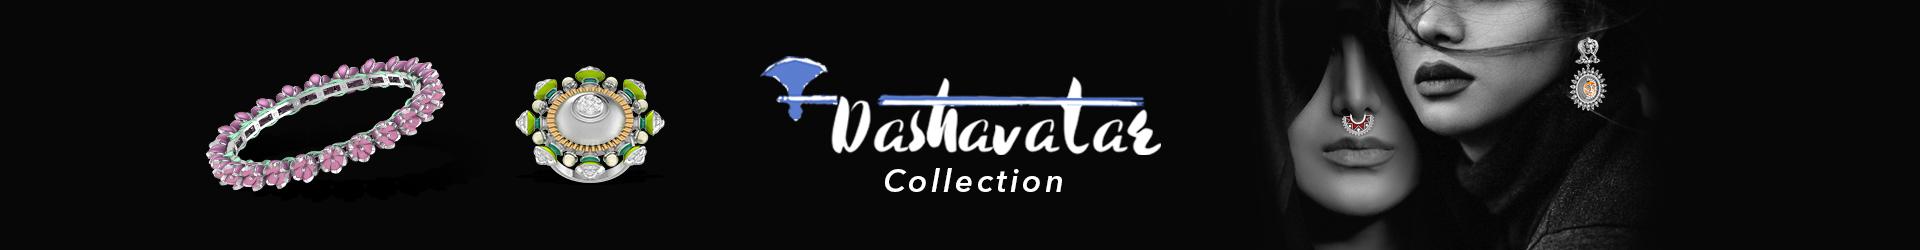 Dashavtar Collection